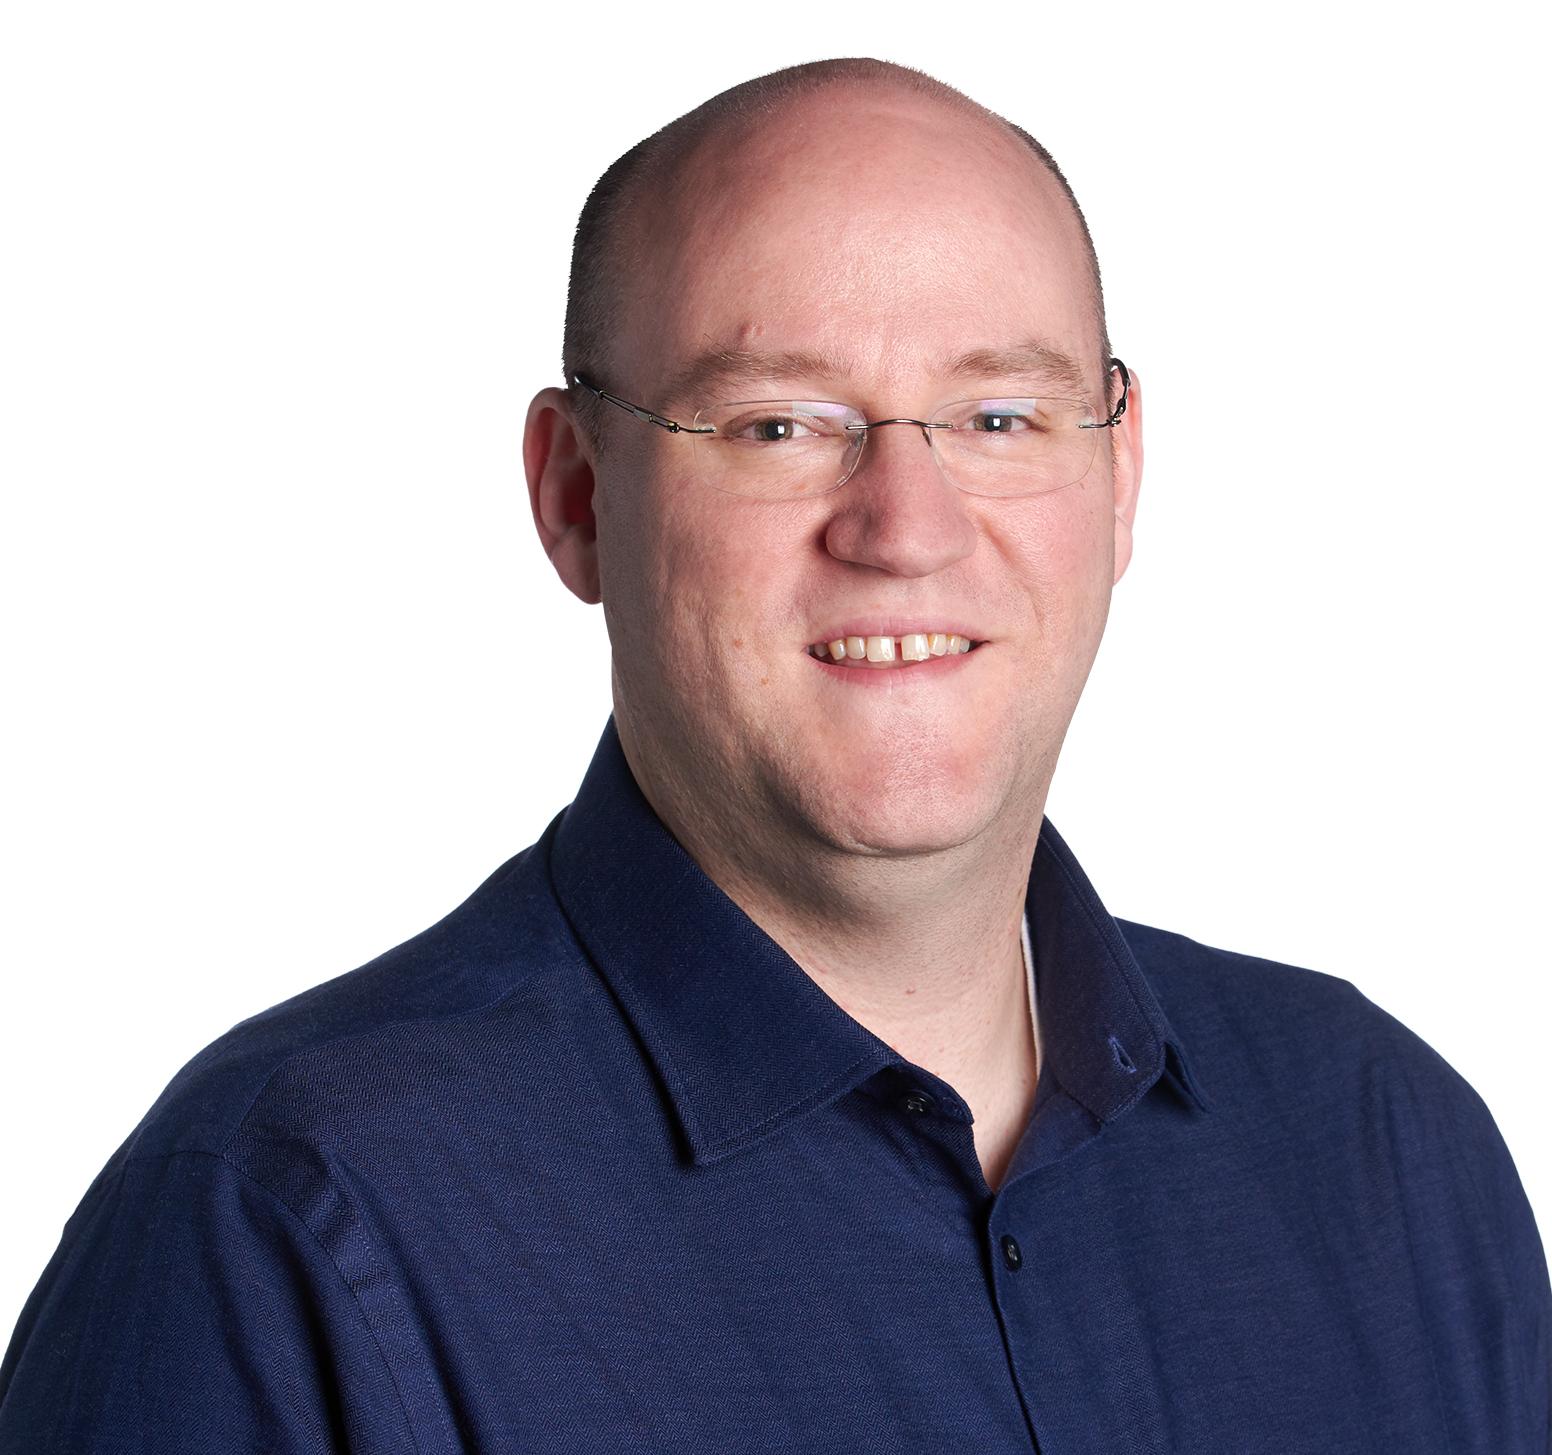 Jon Hildebrand